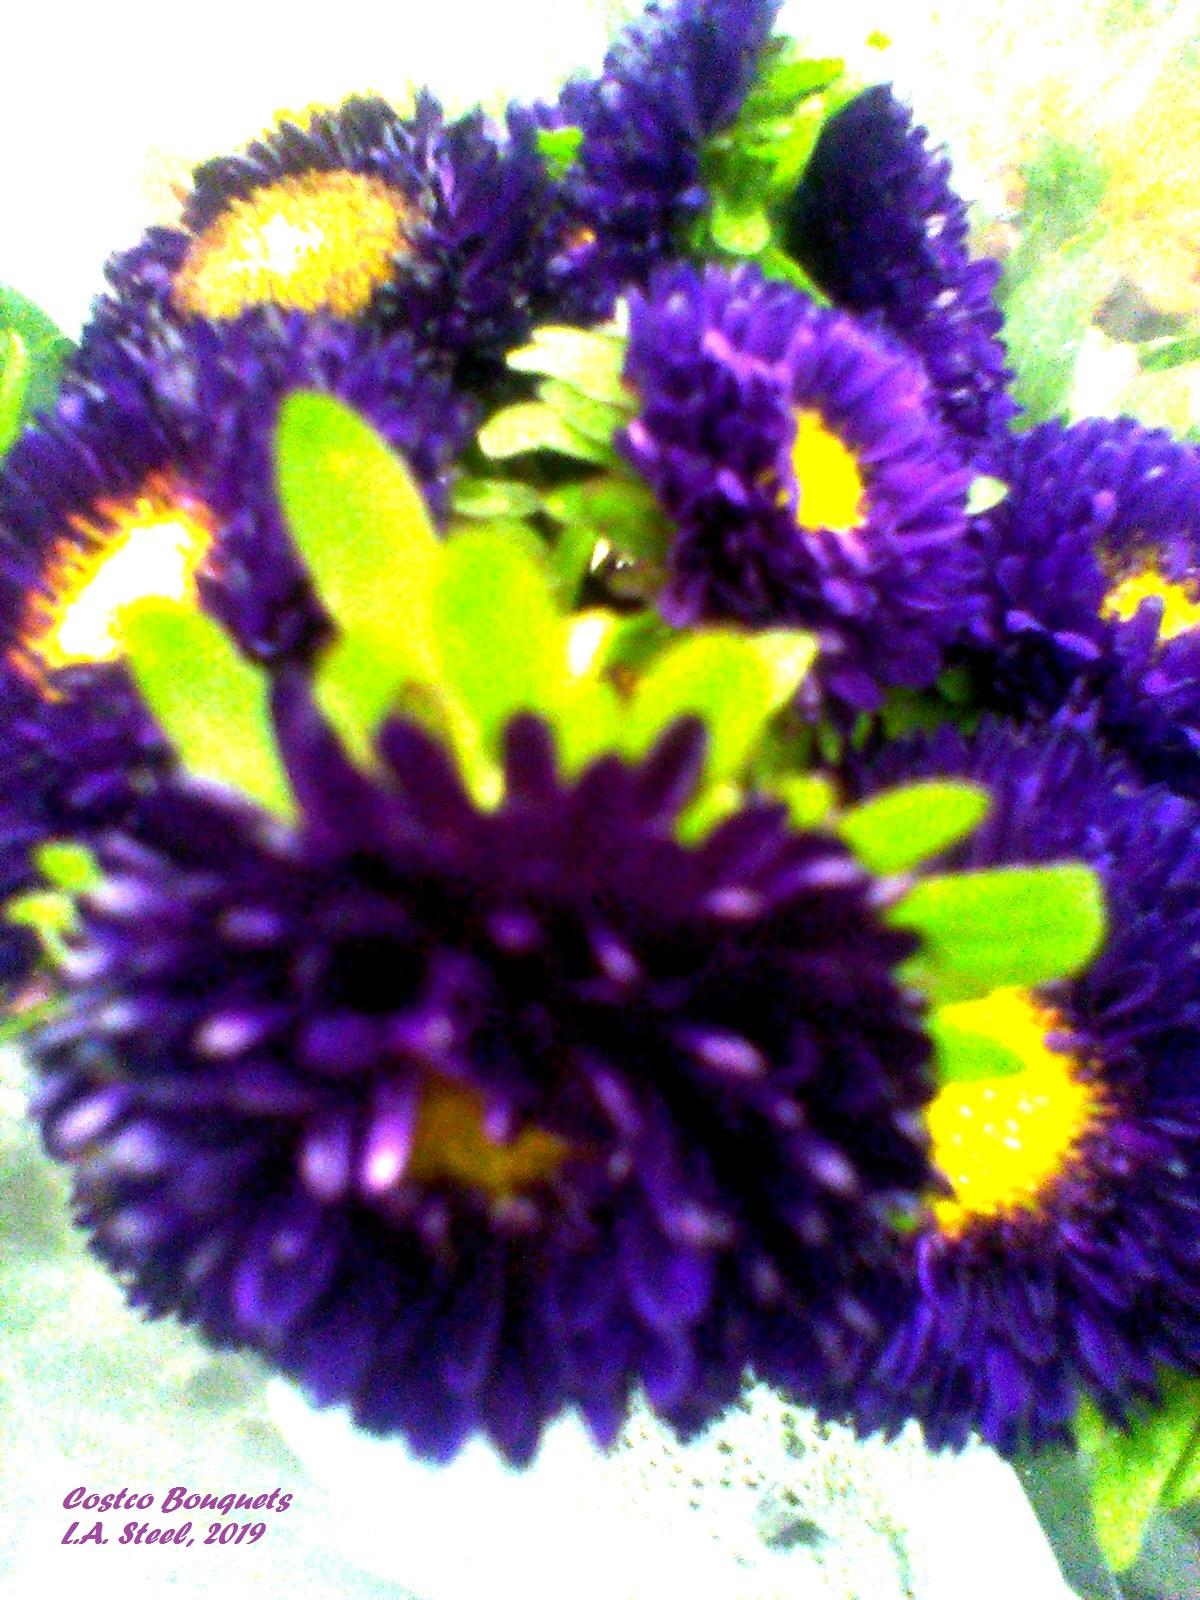 costco bouquets 5 2019